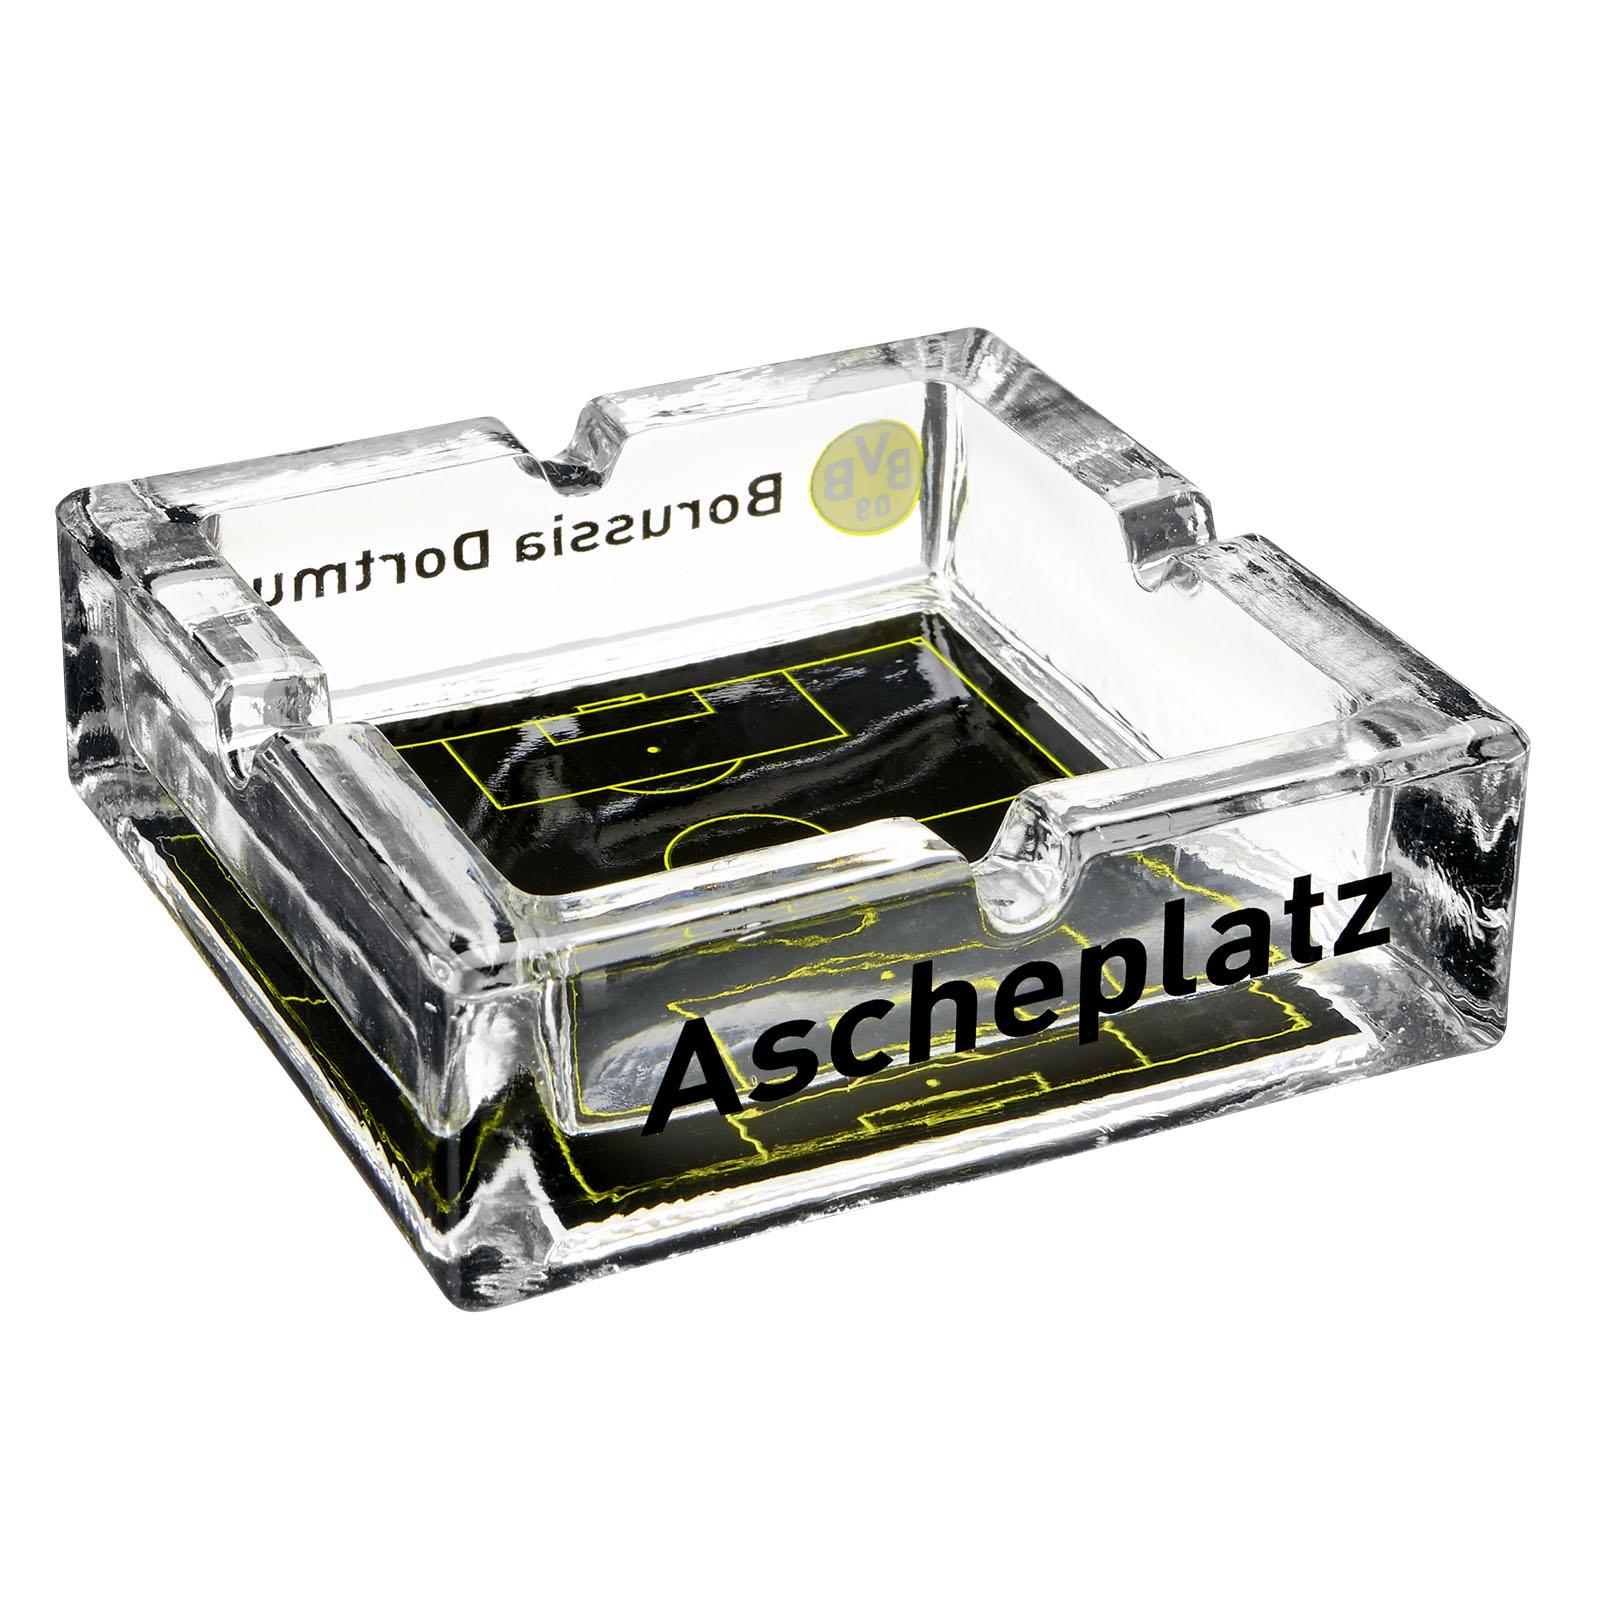 BVB Glas Aschenbecher